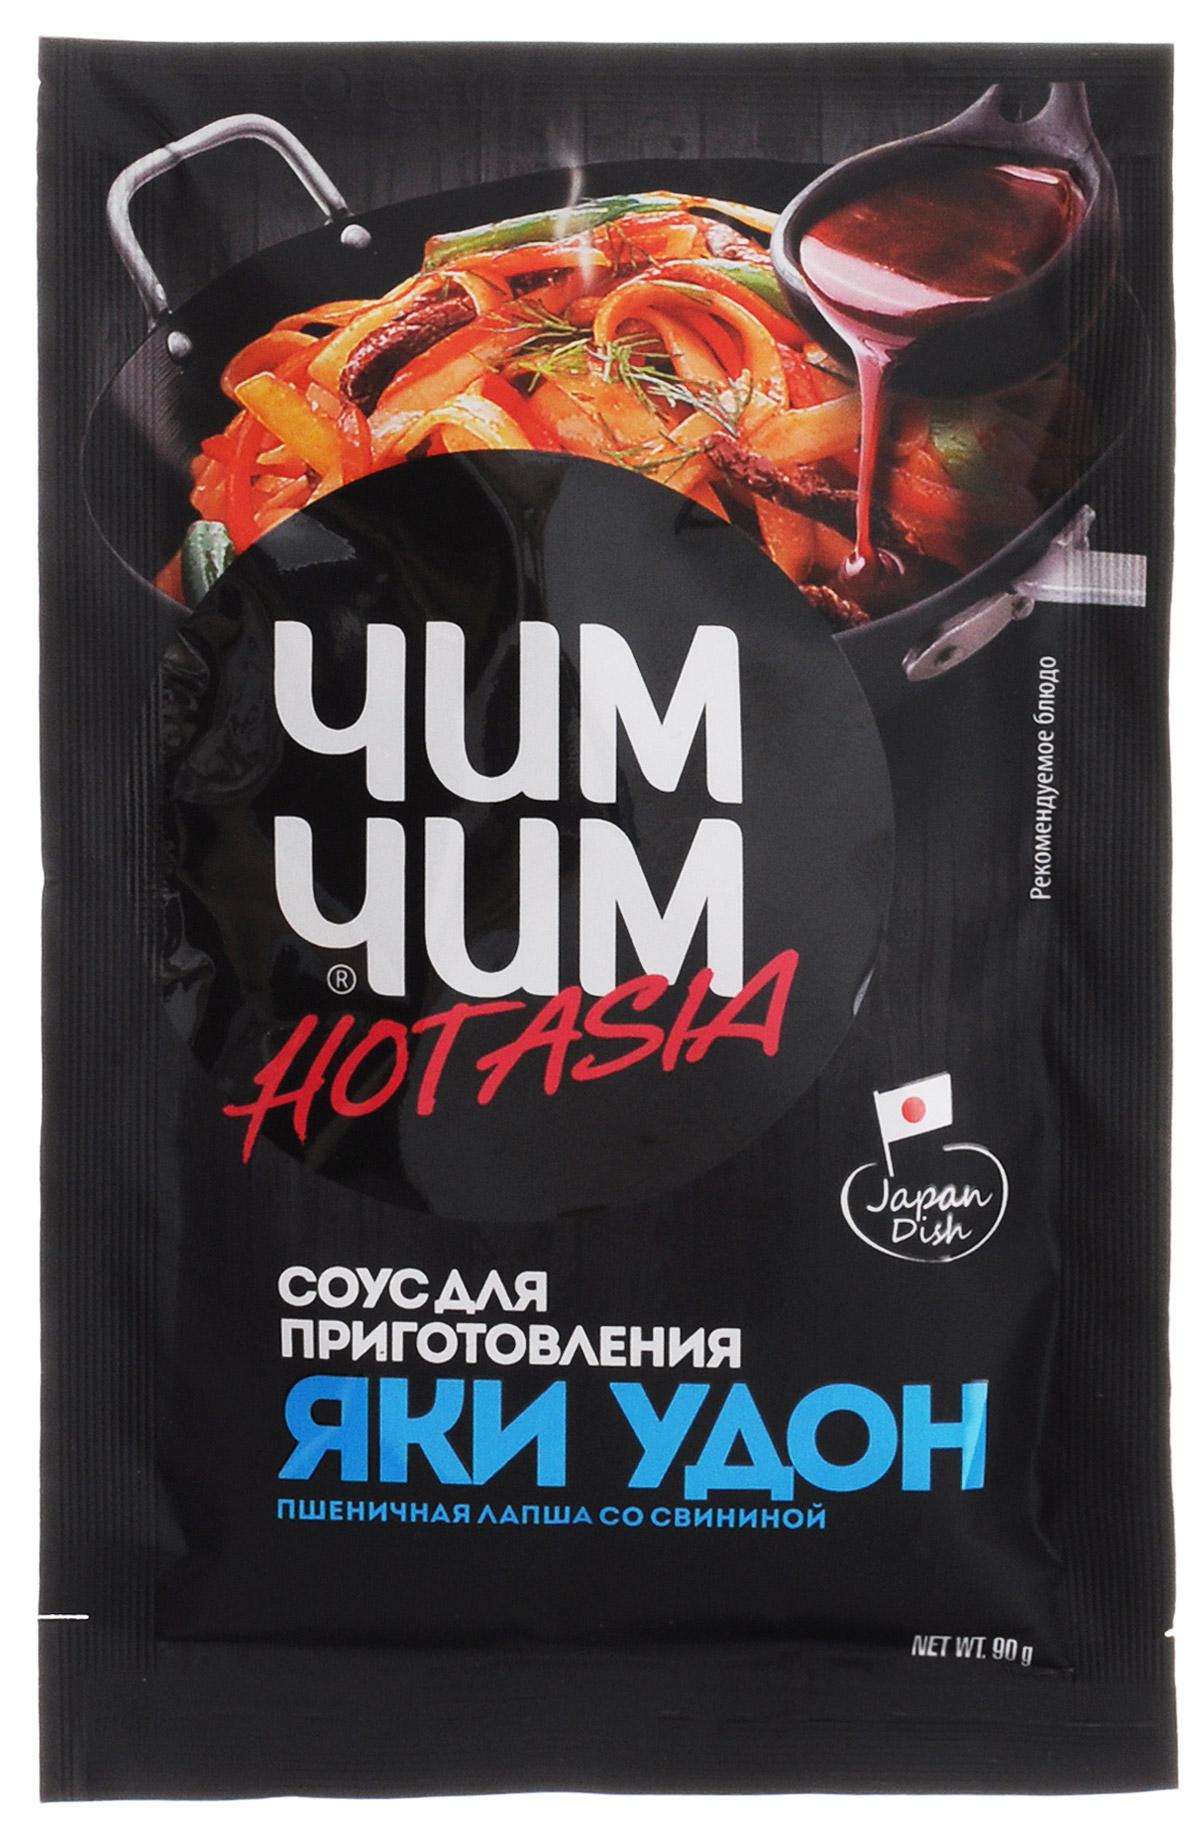 Чим-Чим Hot Asia соус для приготовления яки удон, 90 г0120710Чим-Чим Hot Asia - это соус для приготовления яки удон. Весь секрет приготовления азиатских блюд в быстрой обжарке ингредиентов с добавлением правильного соуса. Вам больше не придётся сомневаться в результате. Достаточно следовать простому рецепту на упаковке соуса, и у вас обязательно получится приготовить яркие и удивительно вкусные азиатские блюда самостоятельно.